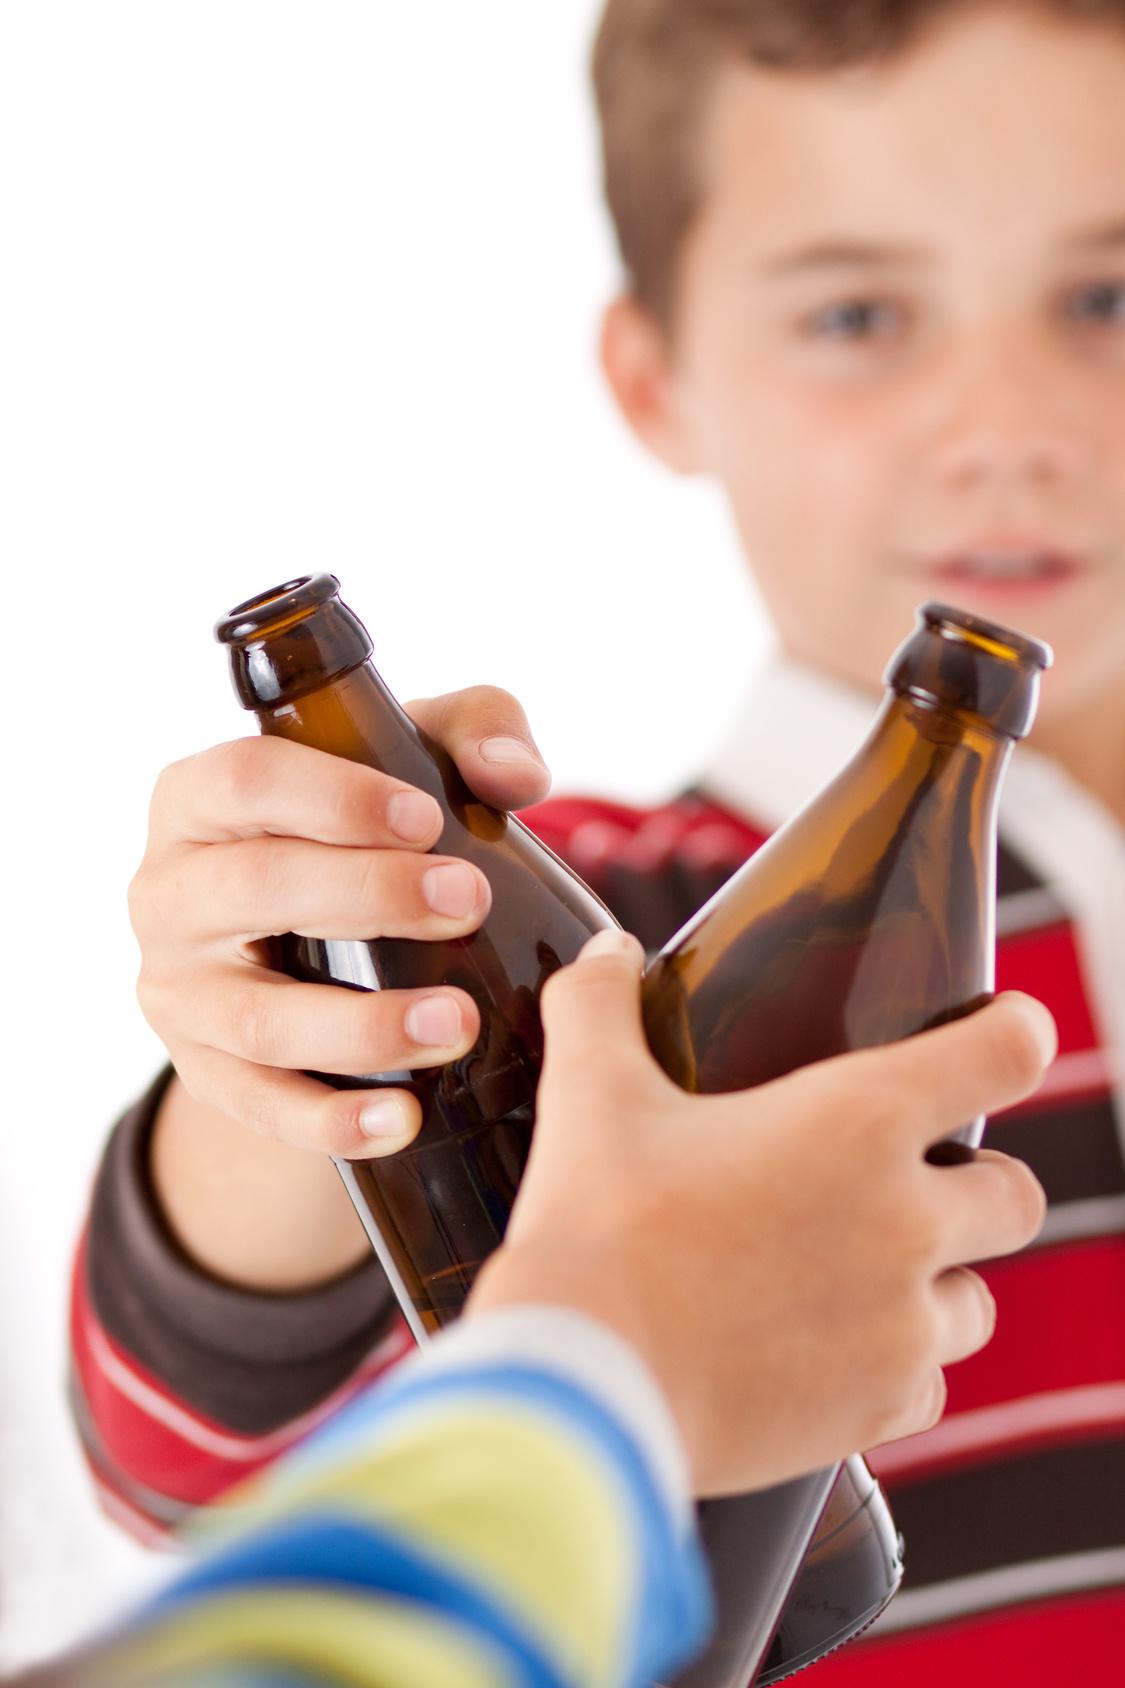 Вероятность алкоголизма у детей алкоголиков вывод из запоя дисульфирамом в москве